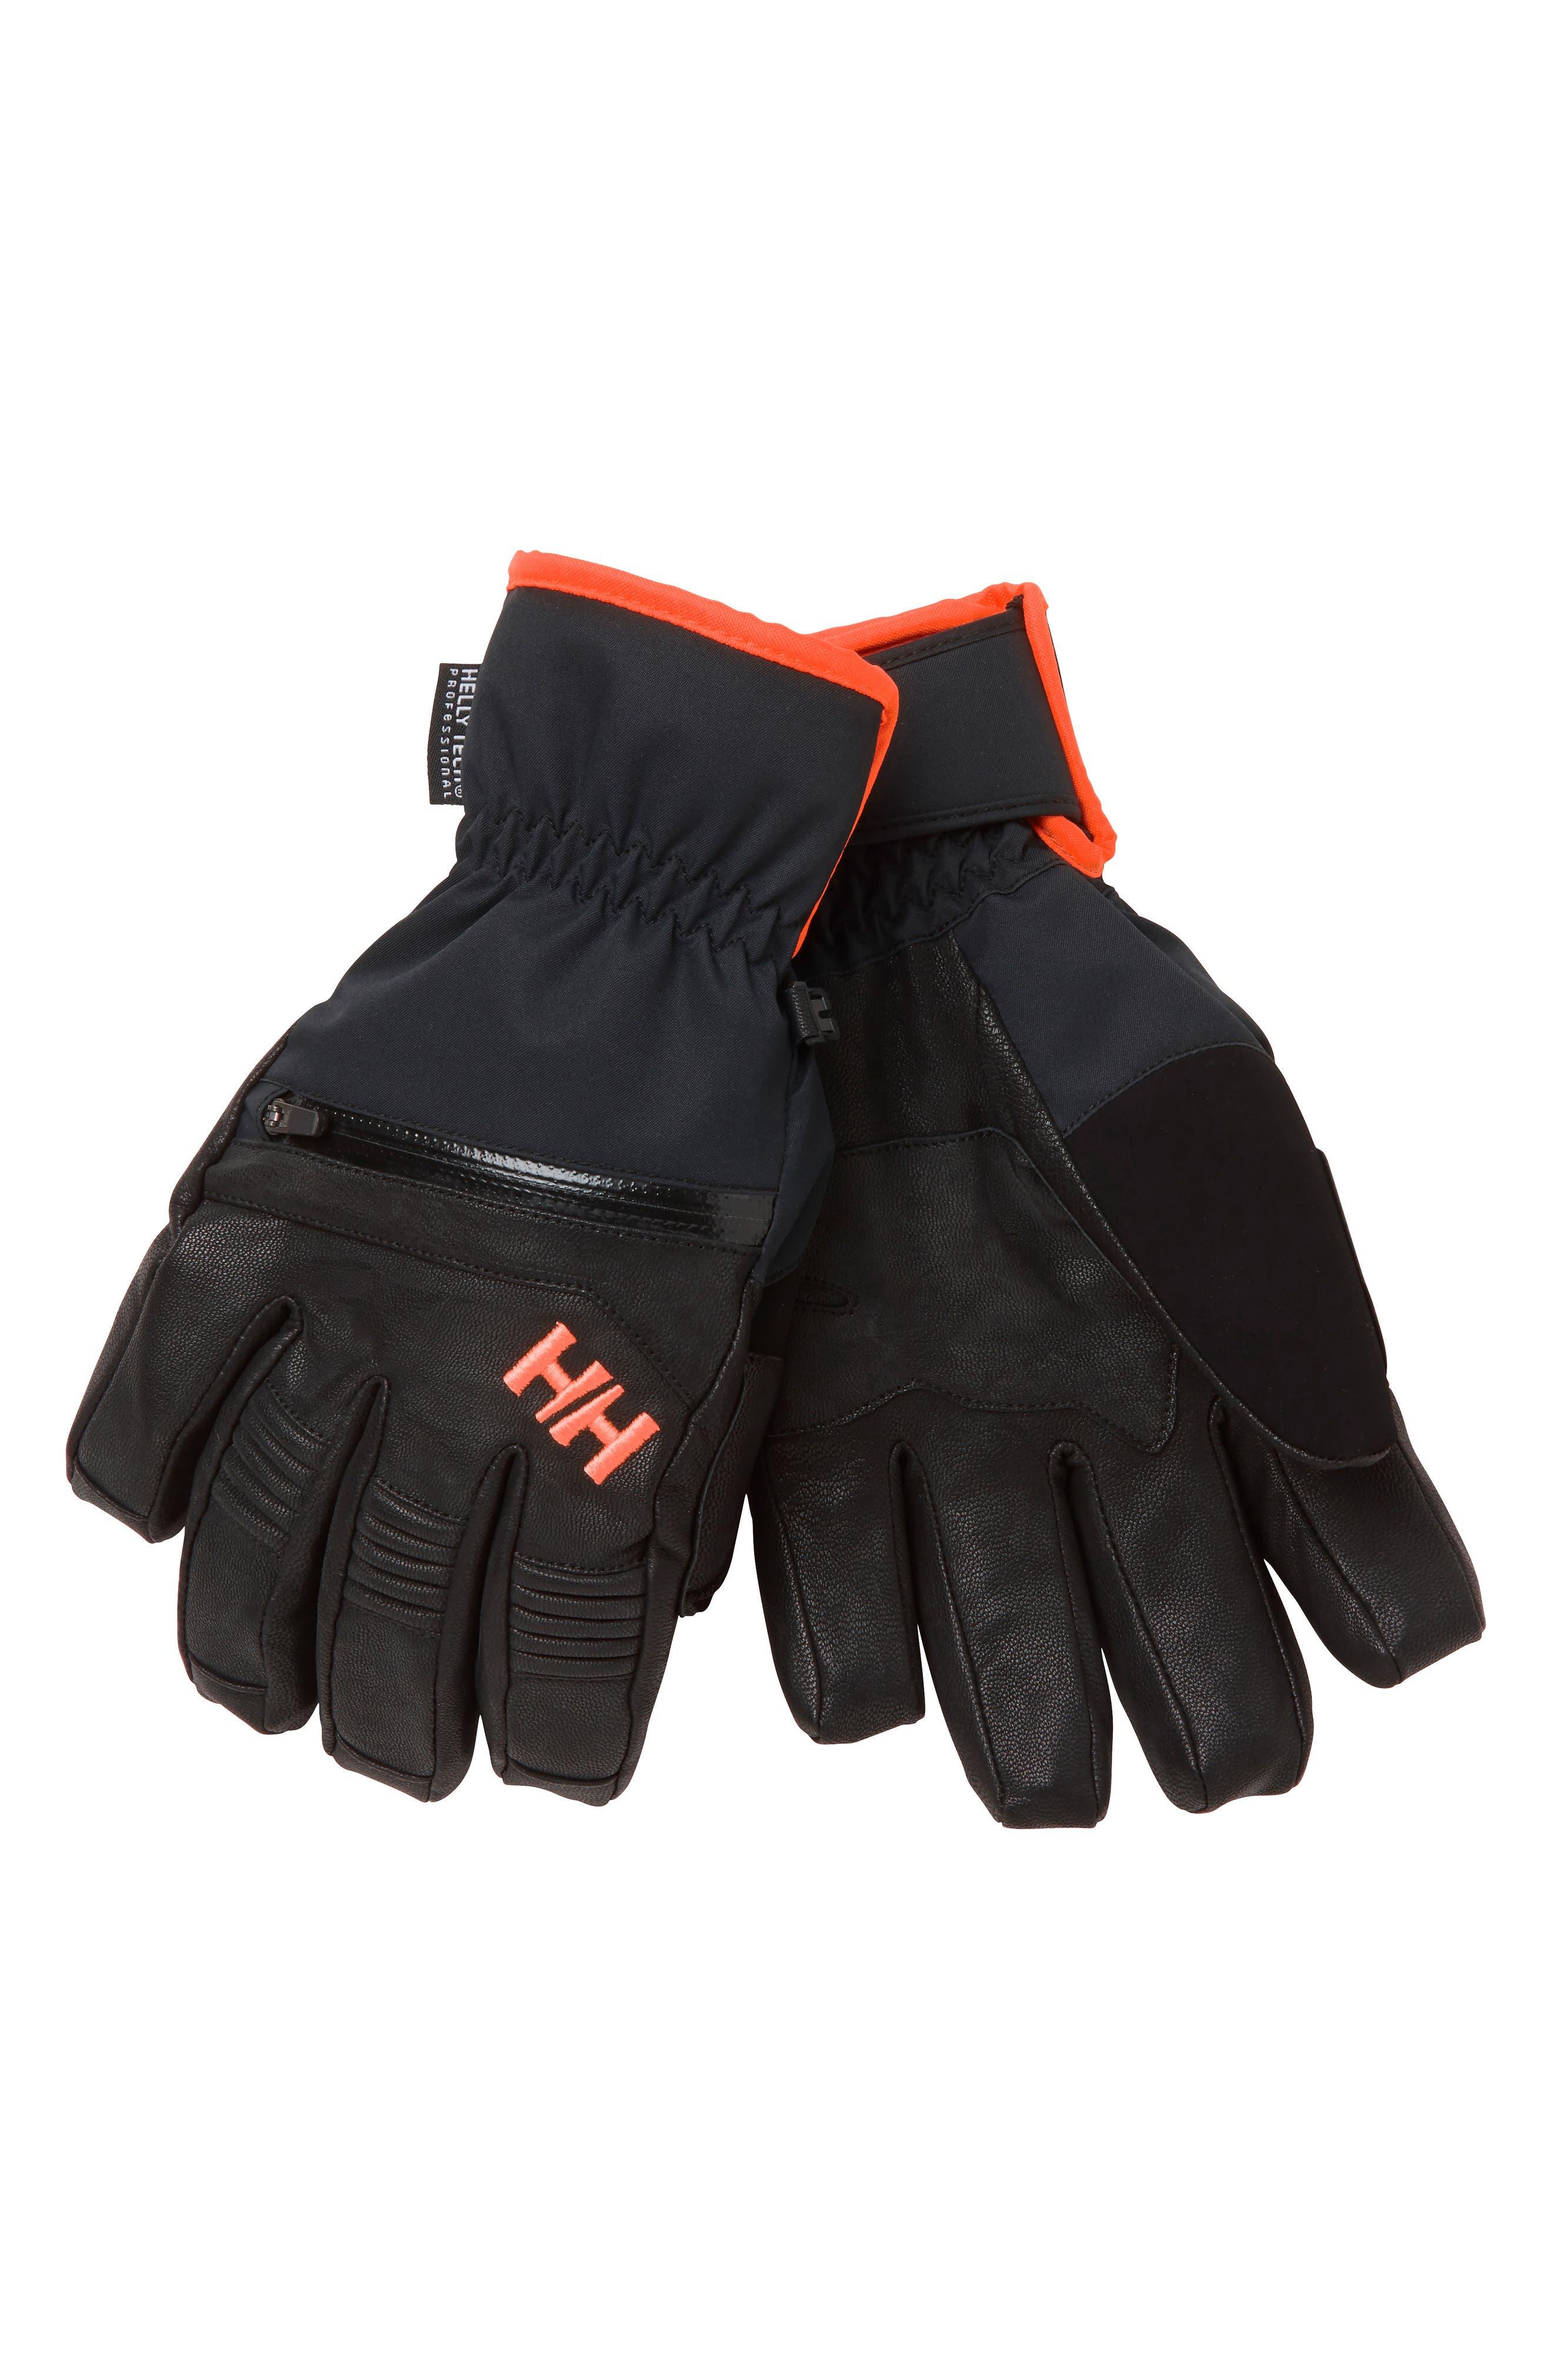 Helly Hansen Alpha Warm Helly Tech Ski Gloves, Black